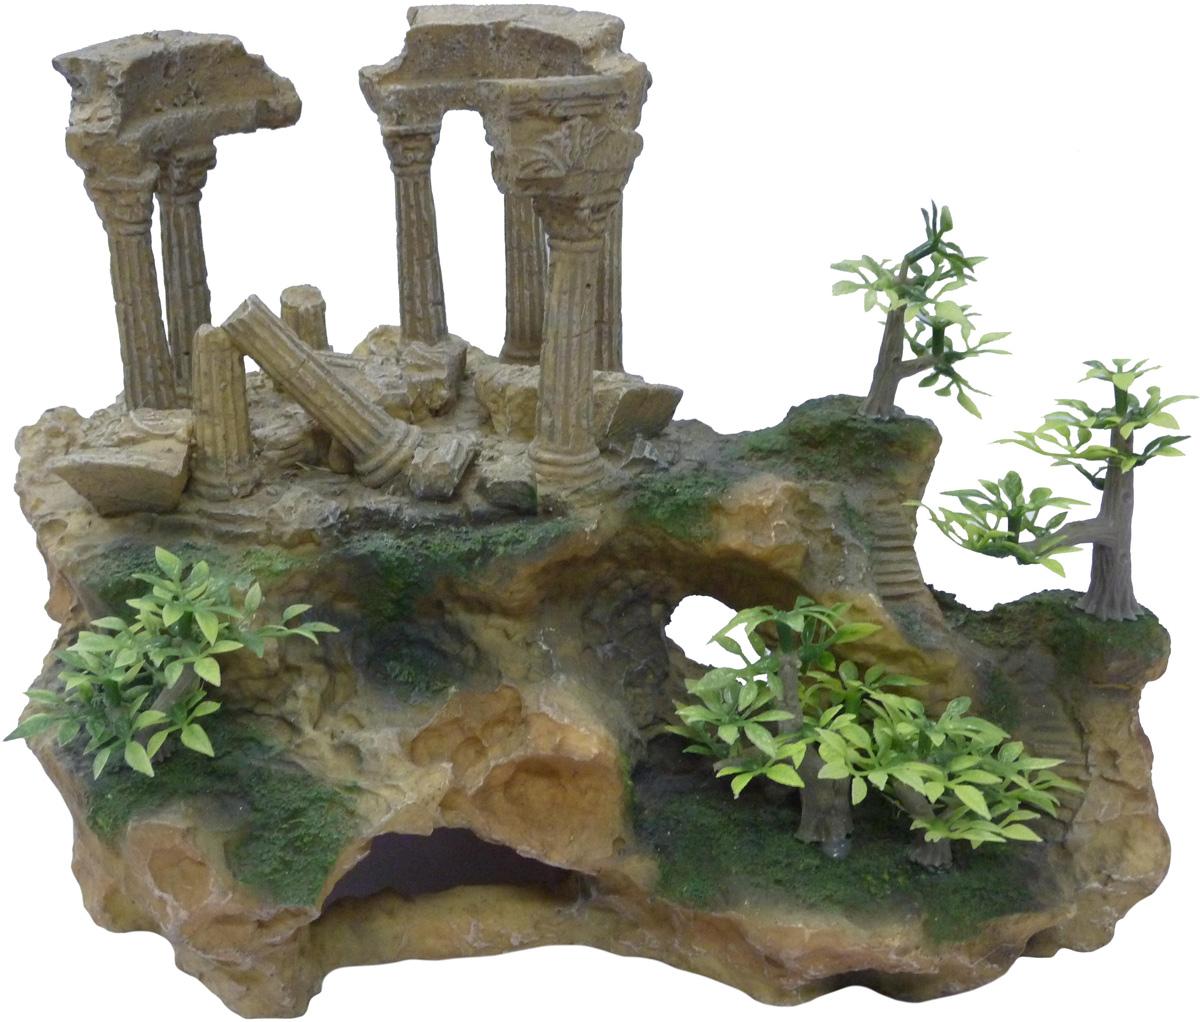 Грот Meijing Aquarium Античные колонны и деревья. AR-012AR-012Аквариумный грот – это отличный элемент дизайна. Оригинальные аквариумные украшения придают подводному ландшафту завершенный вид, что крайне важно, ведь одной из главнейших функций аквариума в интерьере является функция эстетическая. Но декорация-грот – это еще и прекрасное укрытие для рыбок и иных обитателей подводного мира. Особенно – в том случае, если кто-либо из ваших питомцев проявляет излишнюю агрессивность по отношению к соседям. В таком случае грот для аквариума окажется совершенно незаменимым. Грот Meijing Aquarium прекрасно впишется в любой интерьер аквариума. А в сочетании с другими элементами декора сделает среду обитания ваших рыбок максимально приближенной к морской среде. Декорация абсолютно безвредна для рыб и растений. Грот тонет и не требует дополнительной фиксации в аквариуме. Может использоваться как в пресной, так и в морской воде. Изделие не токсично, не тускнеет и не теряет цвета, краска не облазит.